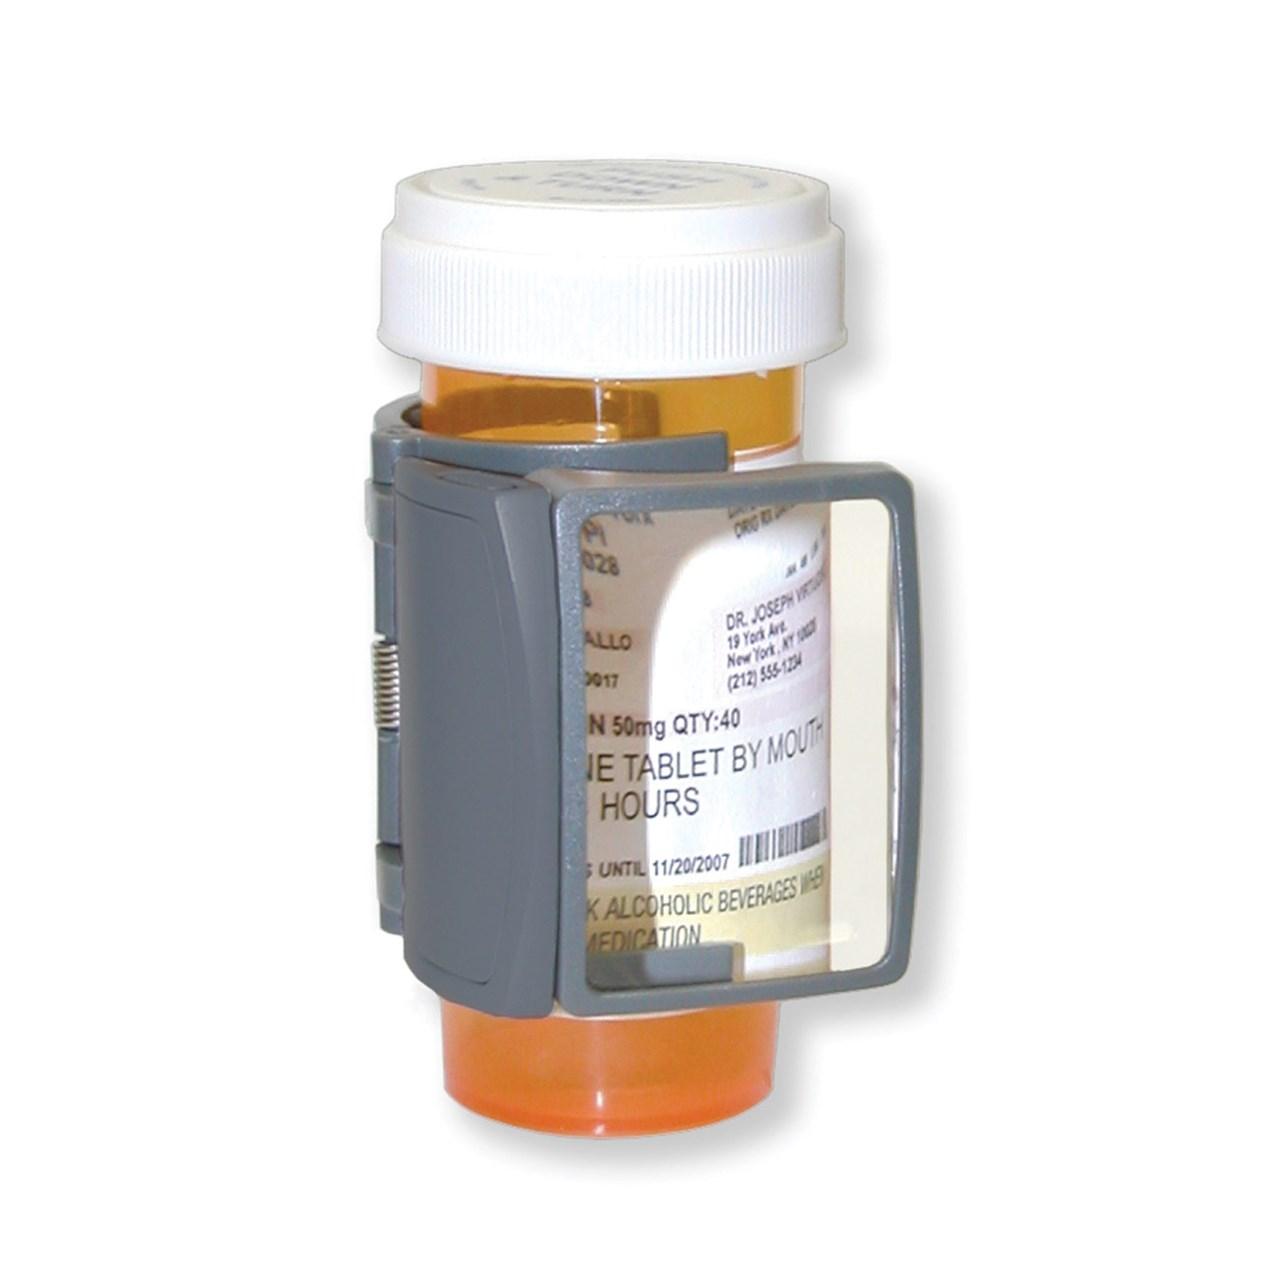 Medicine: MagRX LED Lighted Medicine Bottle Magnifier- 3x